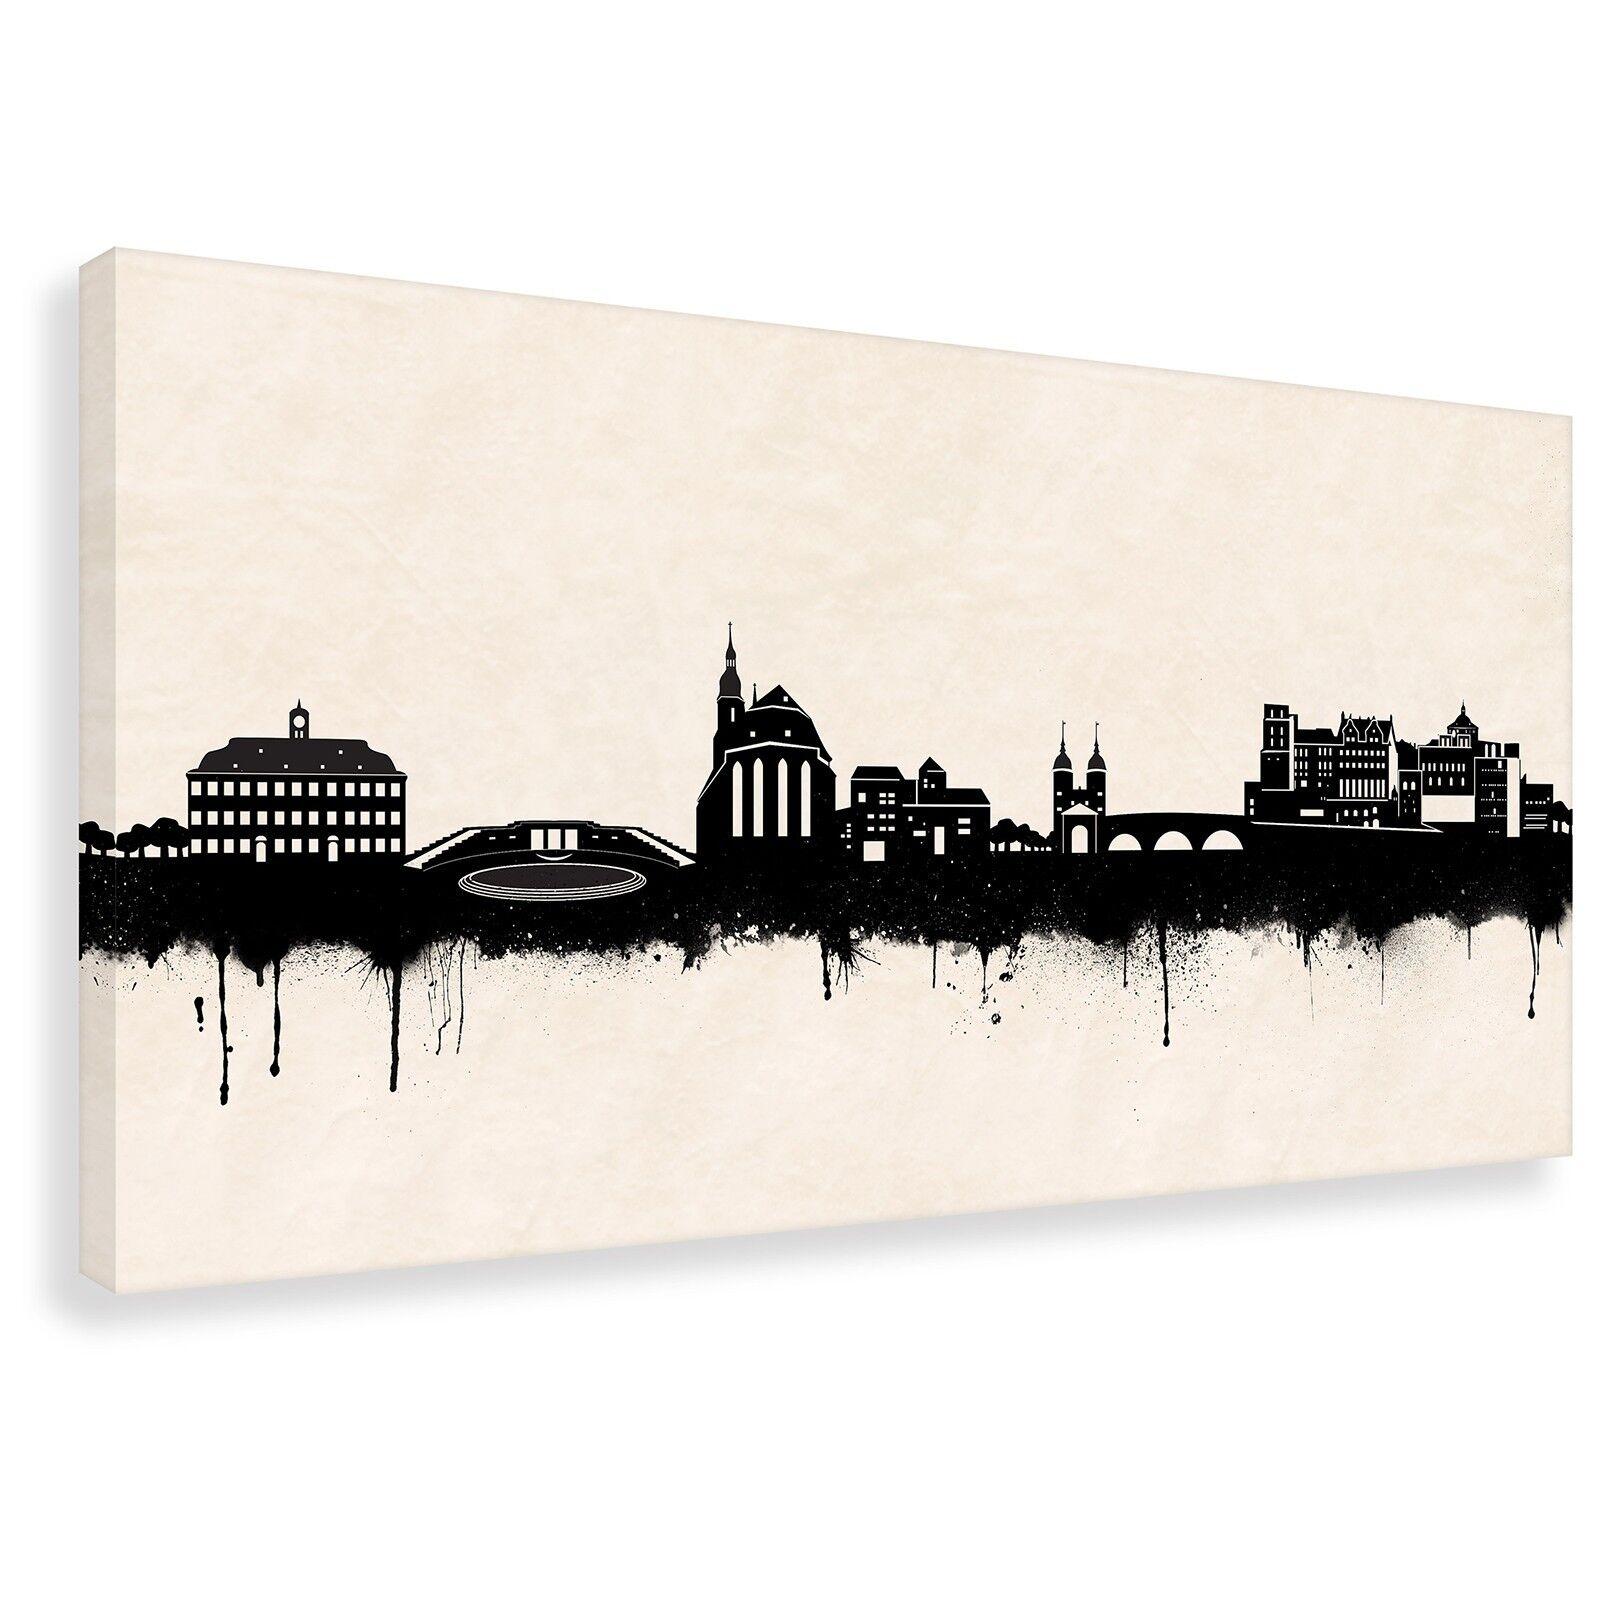 Kunstdruck auf Leinwand -Street Art- Skyline Heidelberg SW (div. Größen) Bild